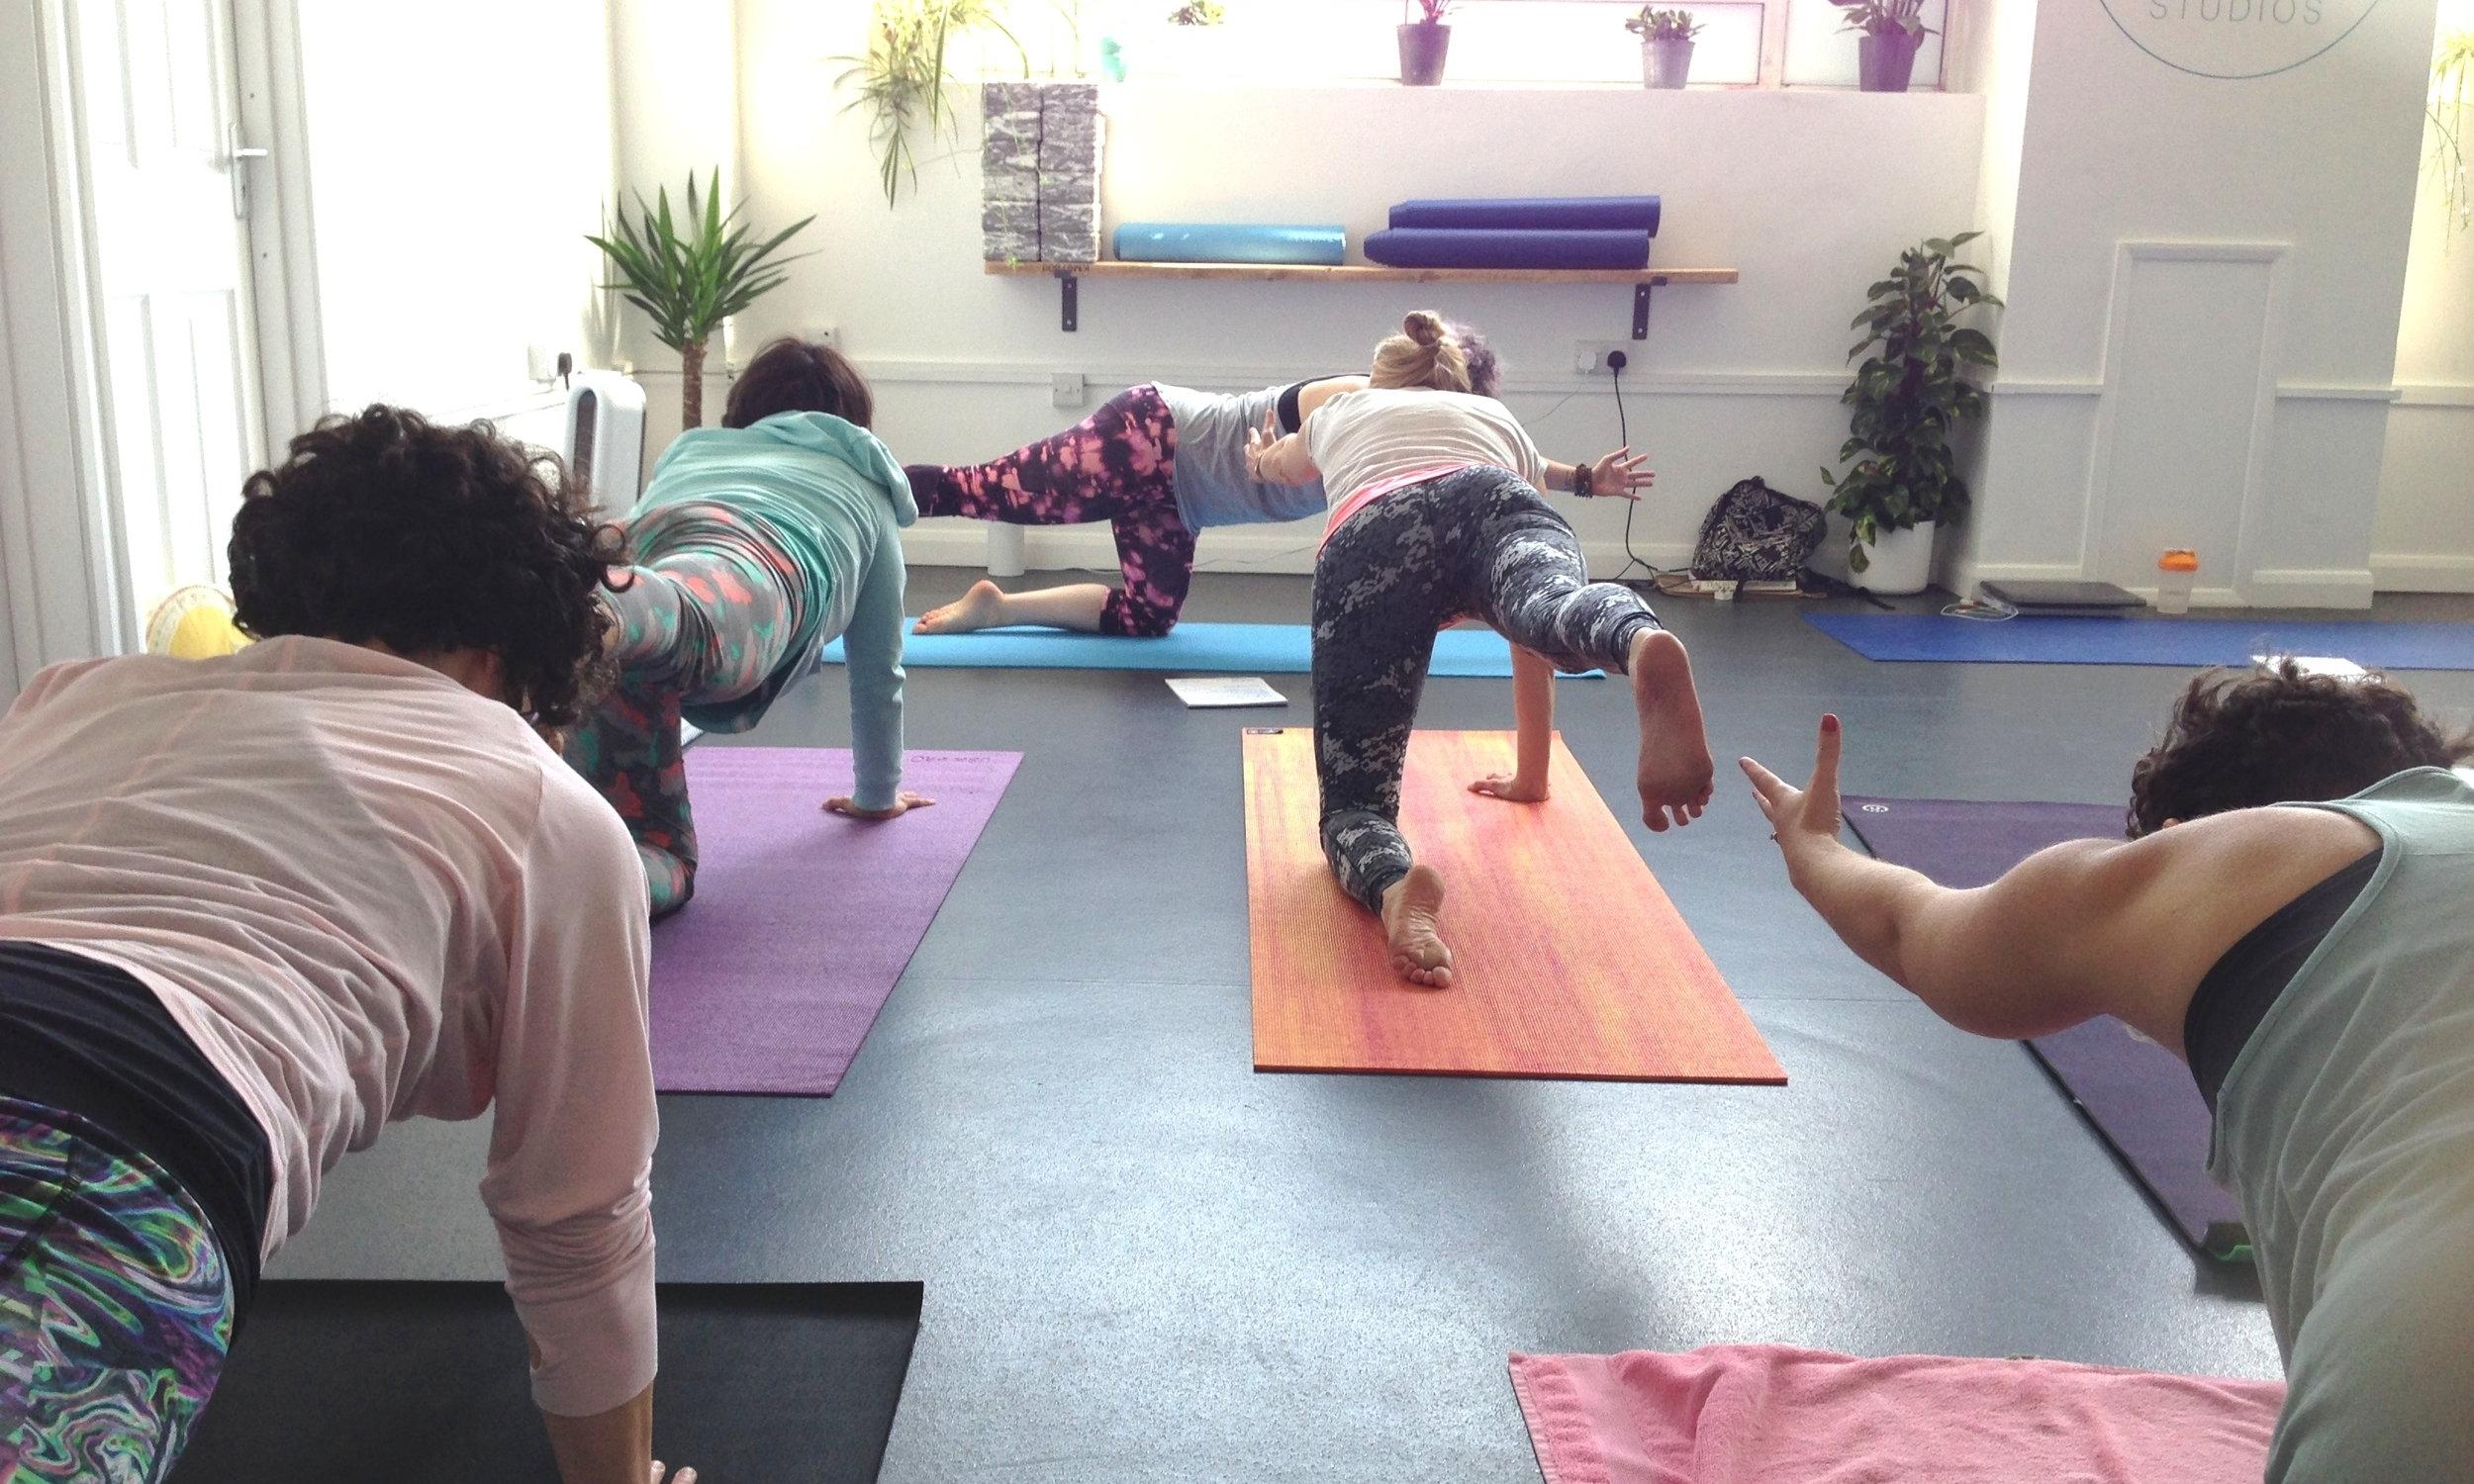 Yoga Teacher Training open morning - 23rd February, Worthing